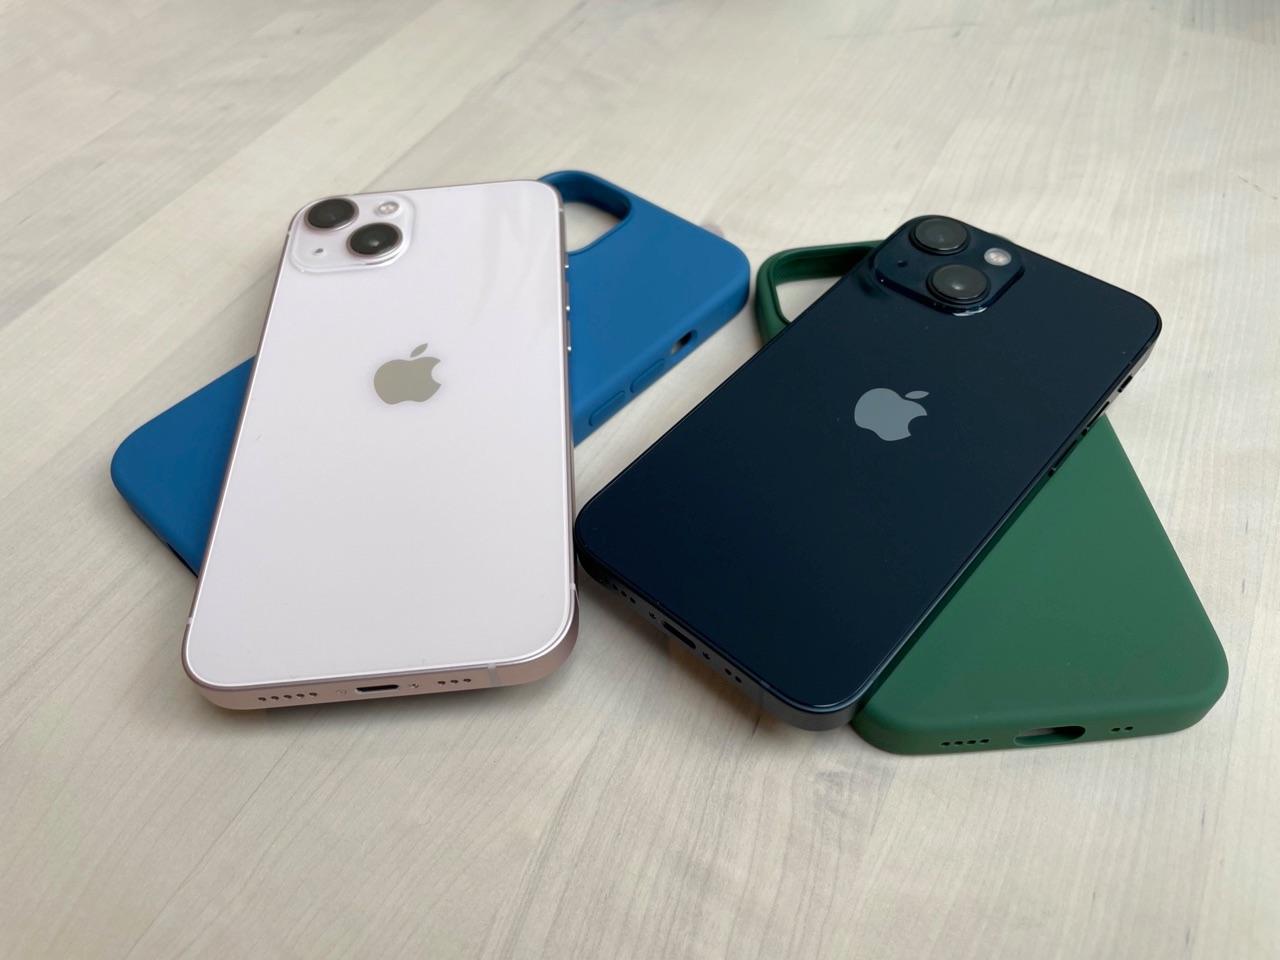 iPhone 13 met gekleurde hoesjes.